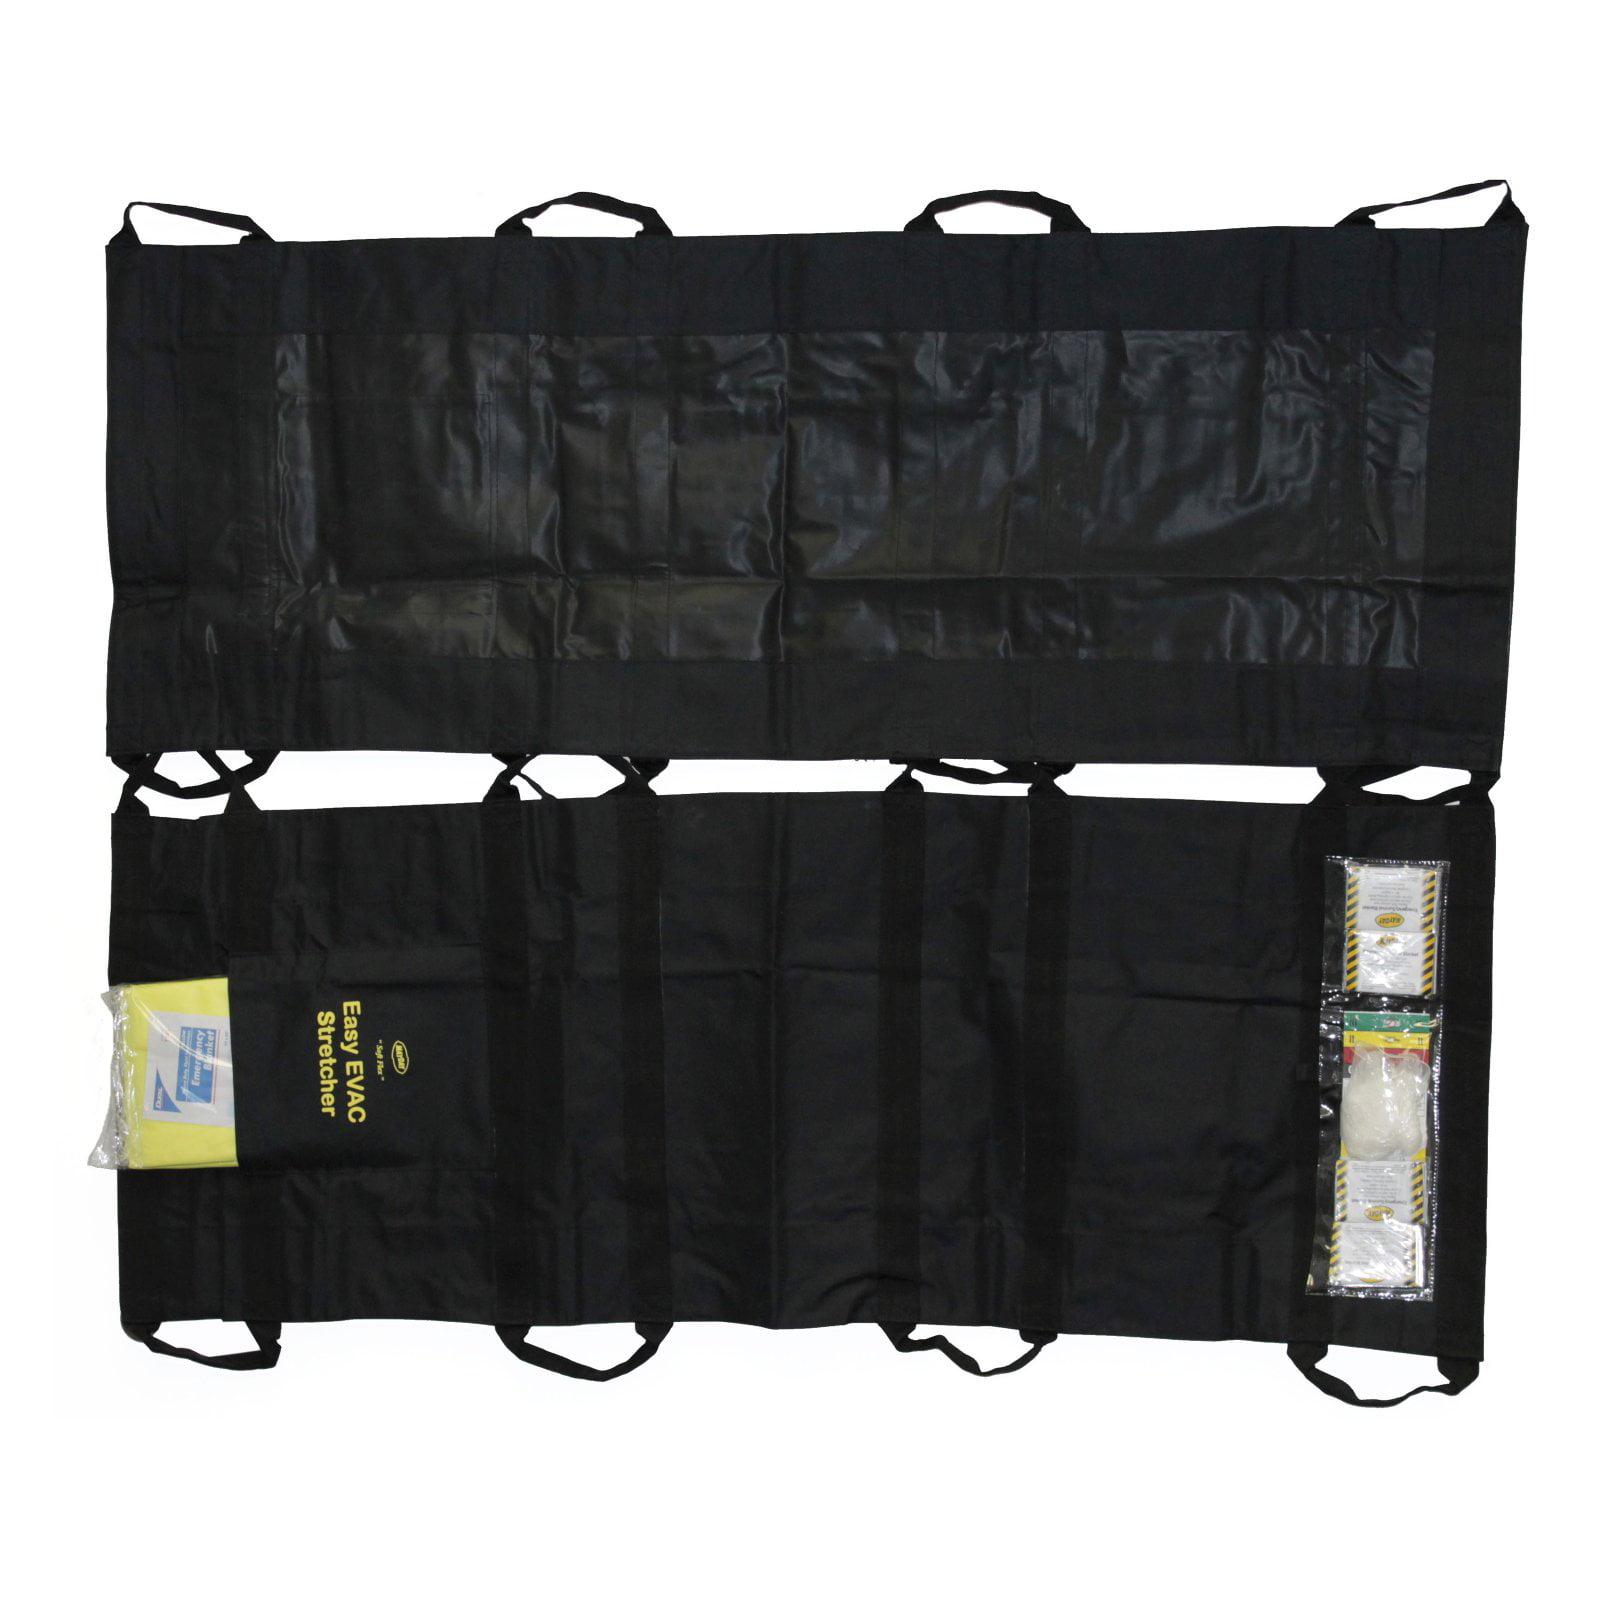 Mayday Easy EVAC Roll Stretcher Kit